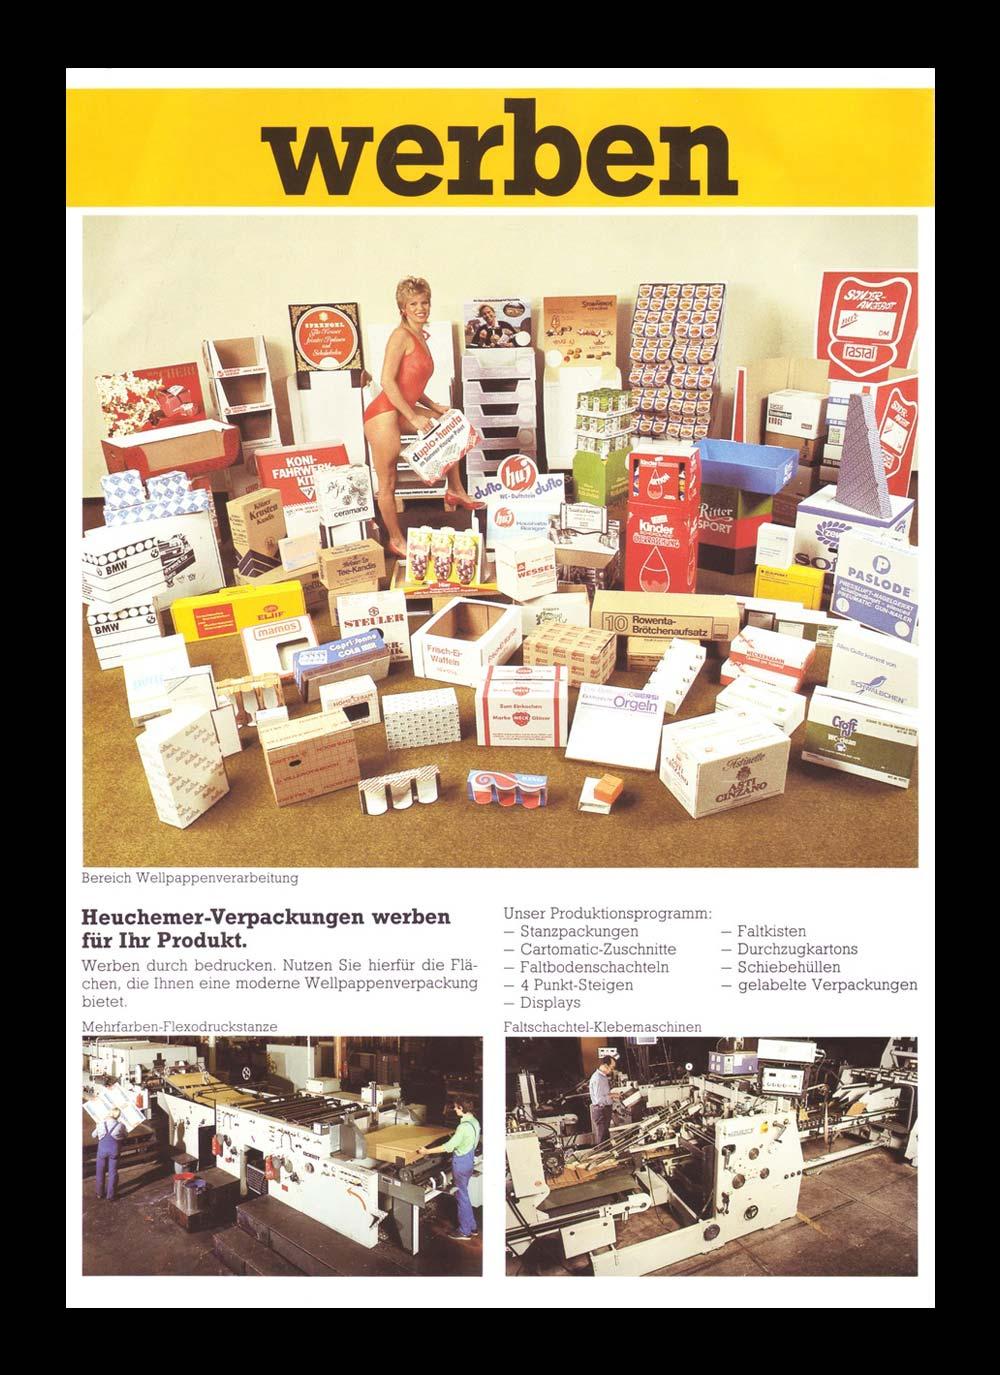 HEUCHEMER VERPACKUNG || Anzeigenwerbung 1970 - Verpackungen aus Wellpappe